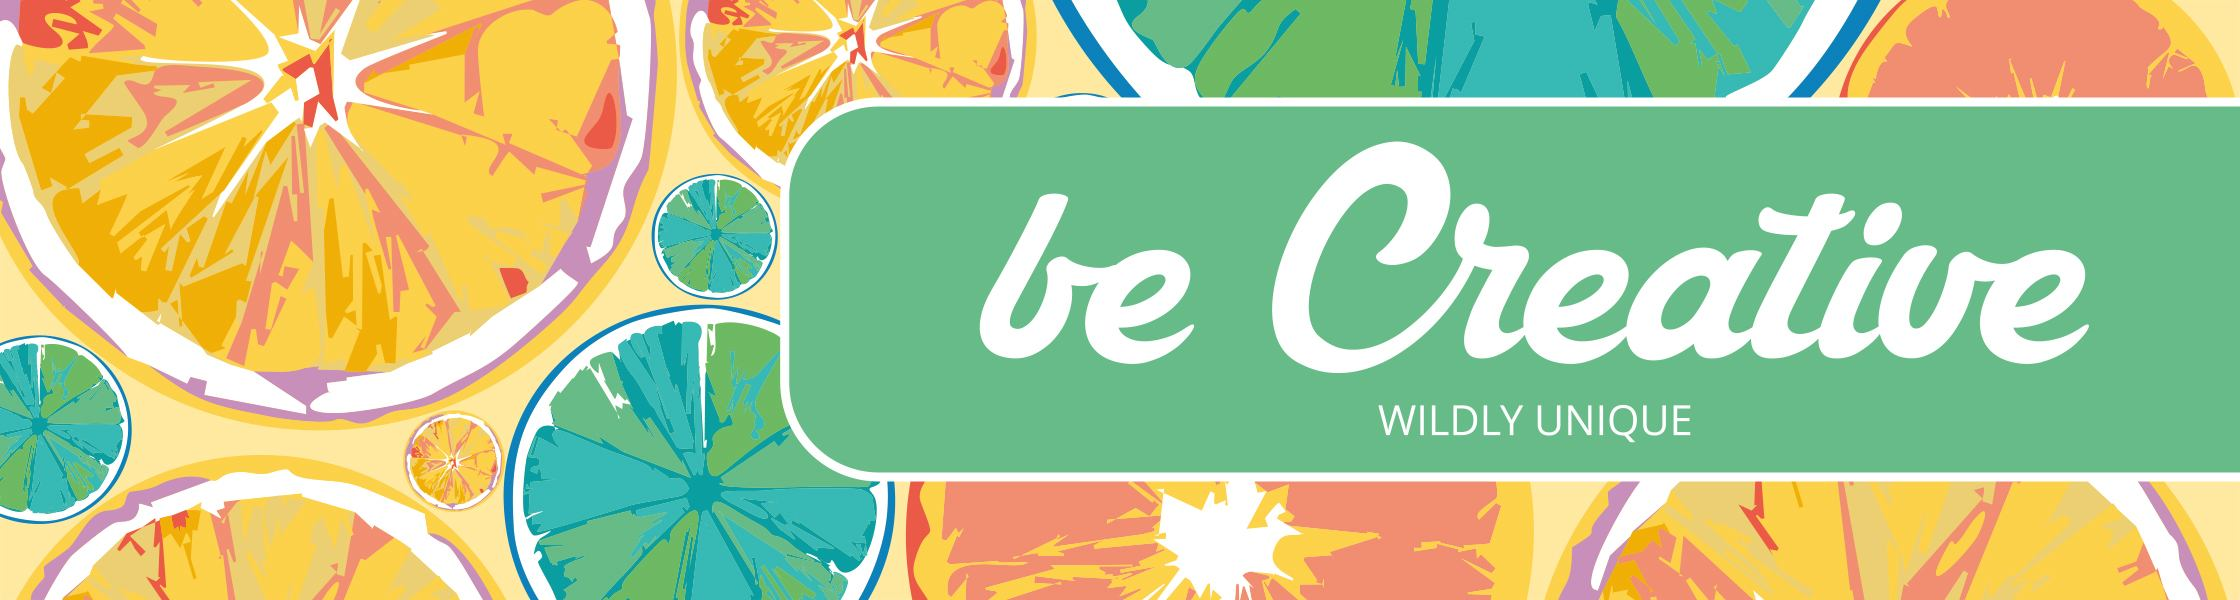 Découvrez notre nouveau catalogue digital BE CREATIVE !